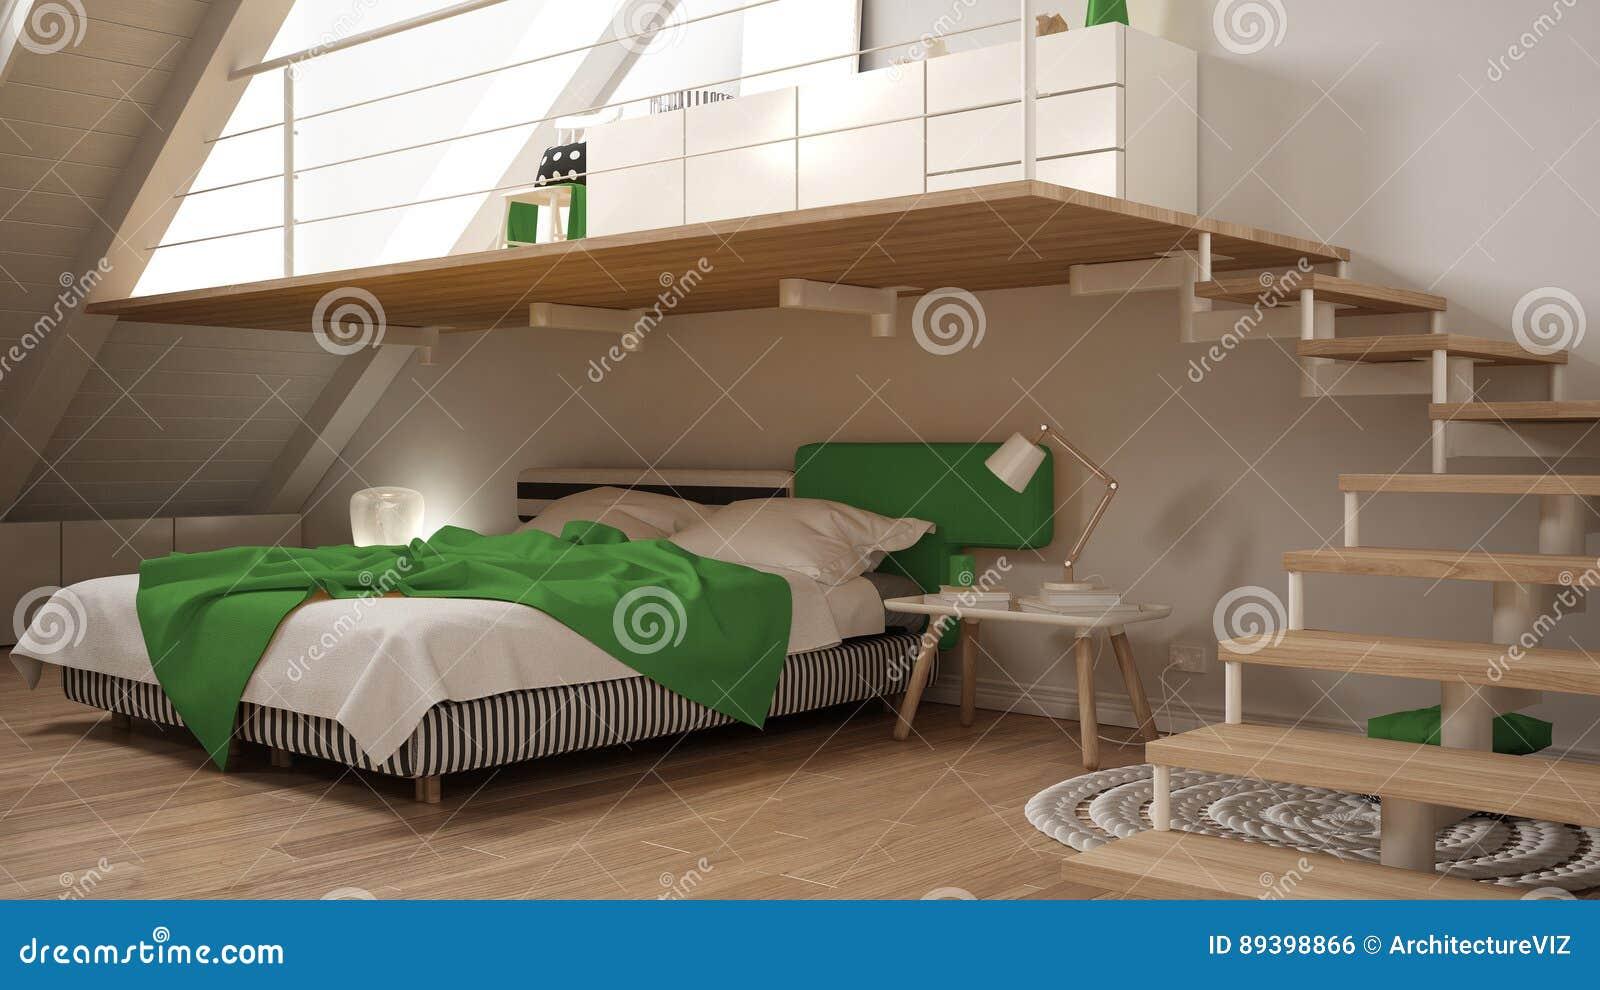 Slaapkamer Groen Wit : Zoldermezzanine skandinavische minimalistische slaapkamer wit en